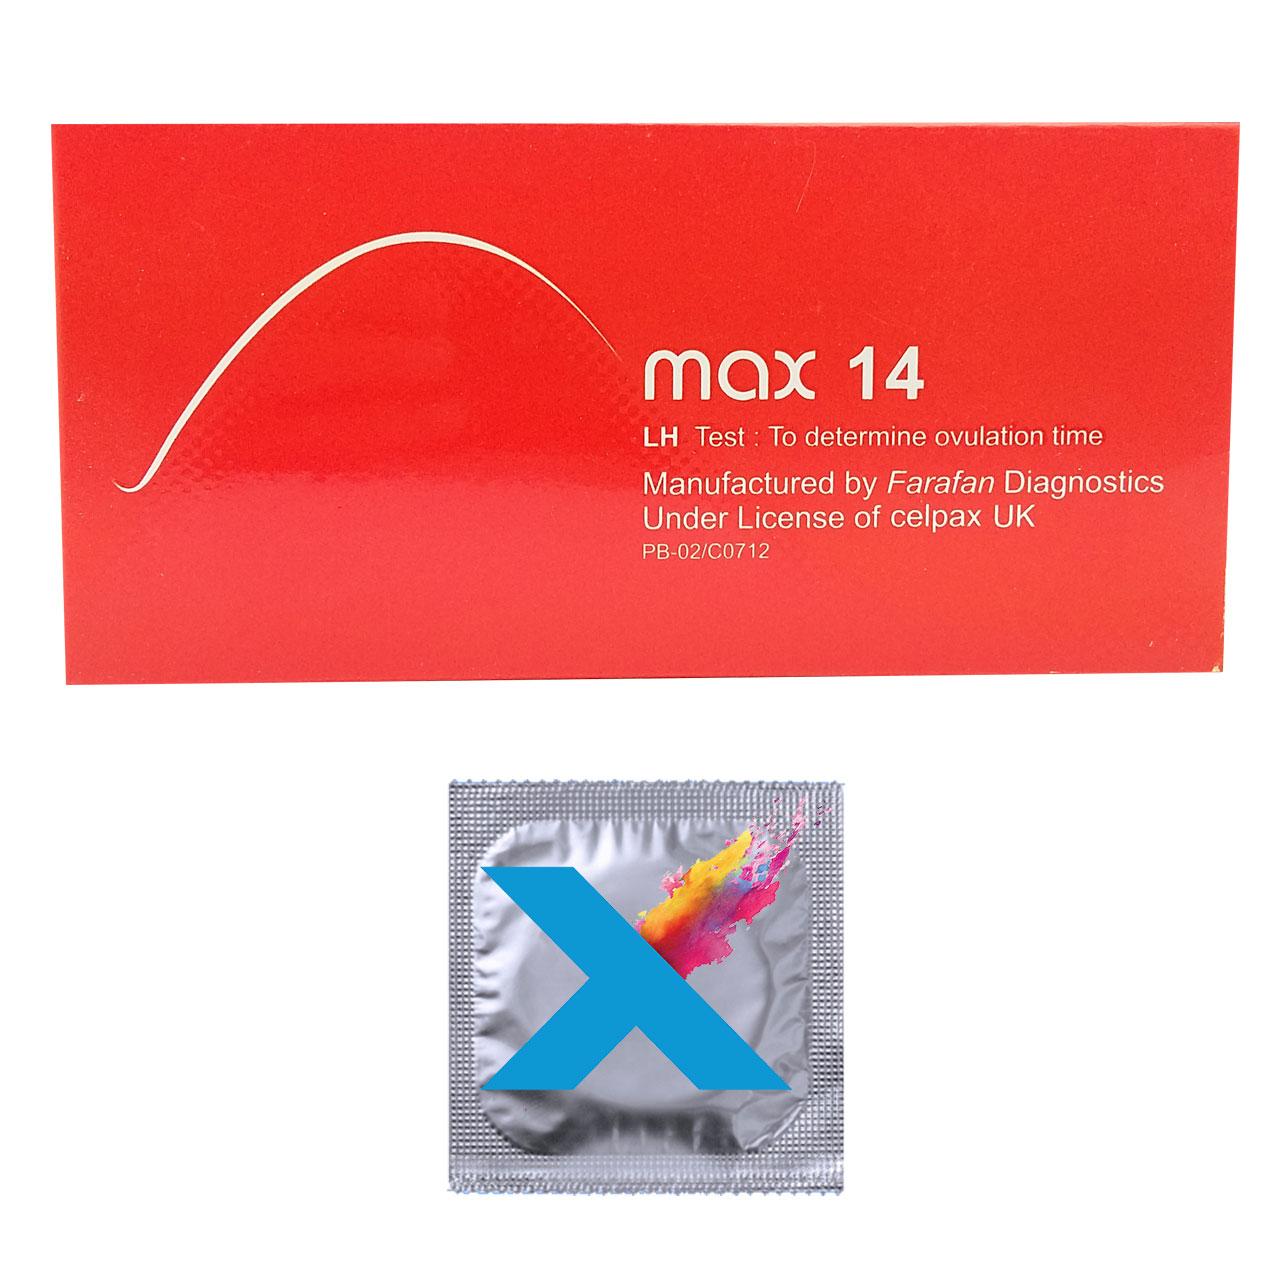 قیمت تست تخمک گذاری مکث 14 مدل LH بسته 5 عددی به همراه کاندوم مدل X